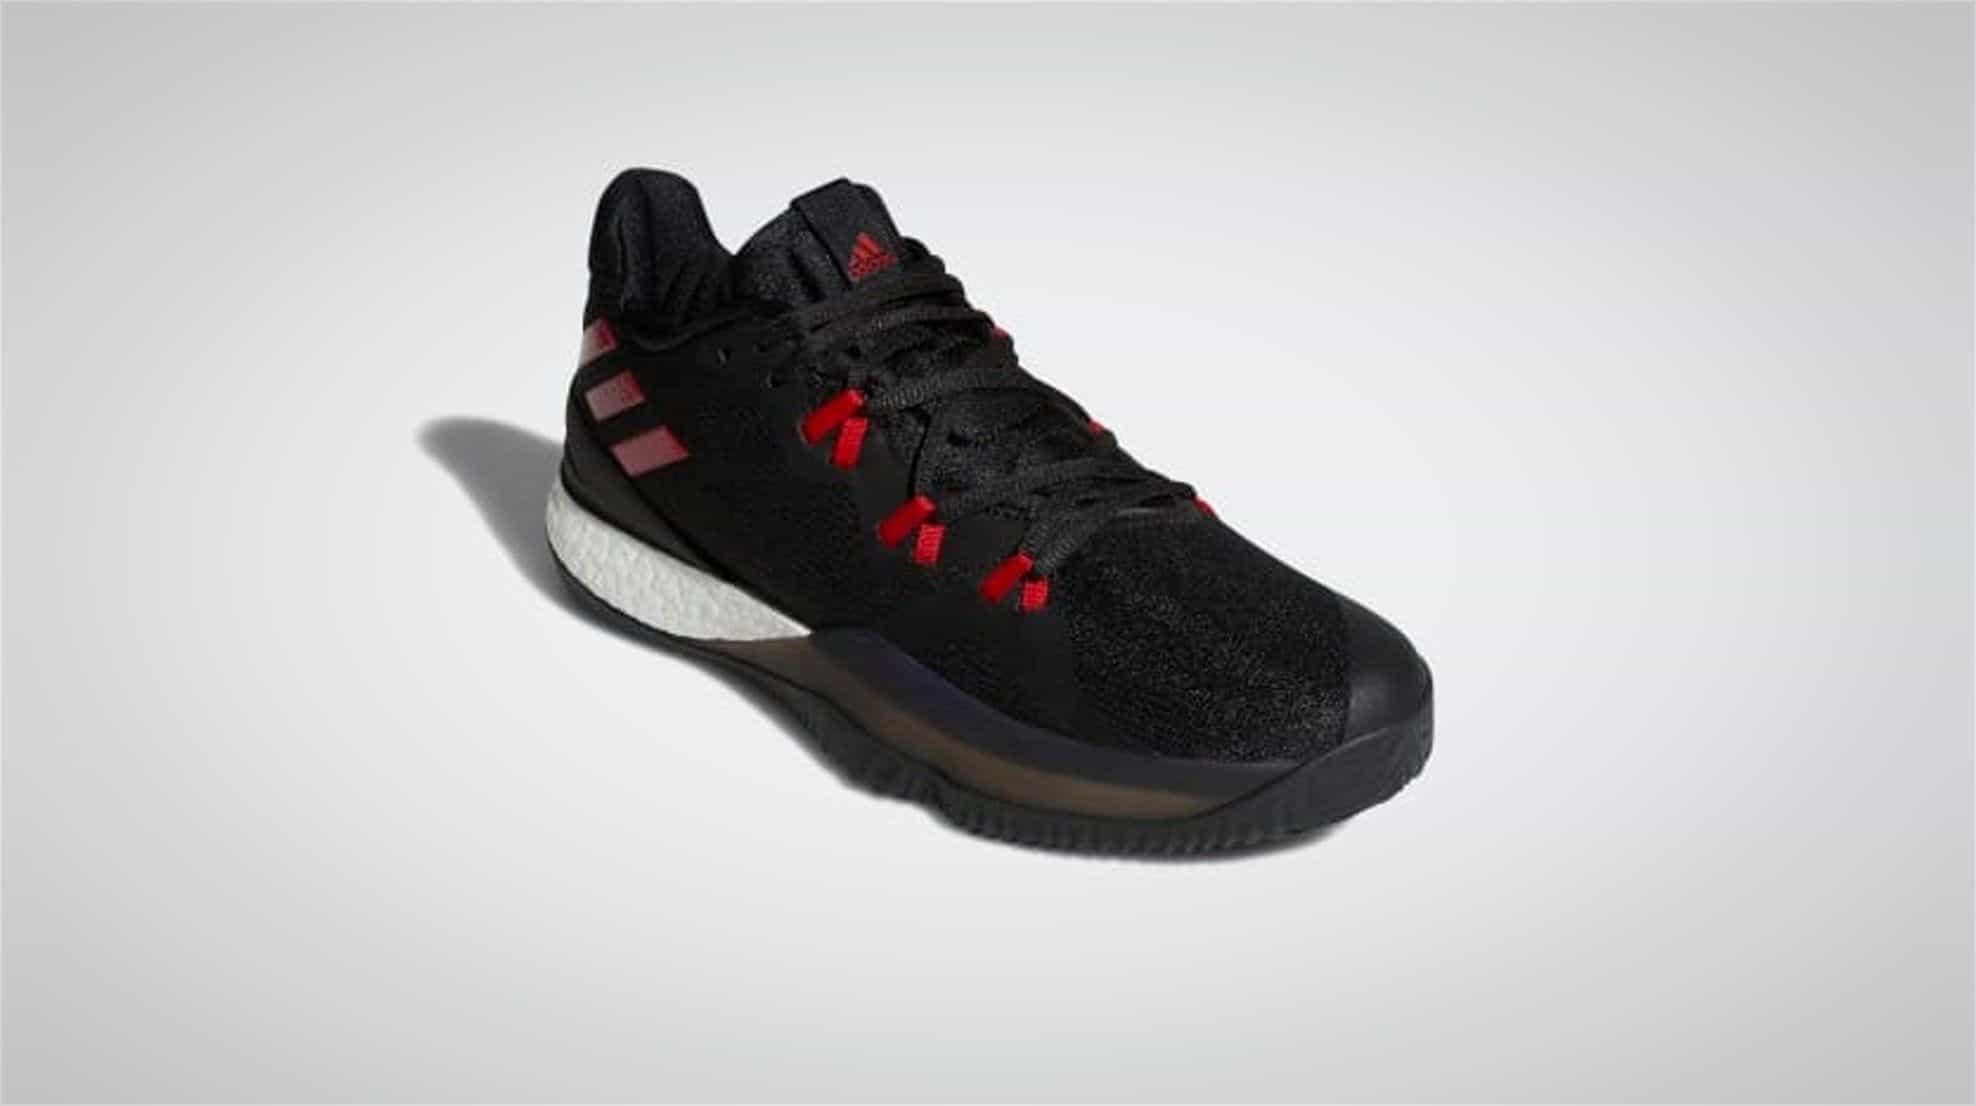 newest a6a5d 305c3 Adidas Crazylight Boost 2018 Shoe Review - BestOutdoorBasketball